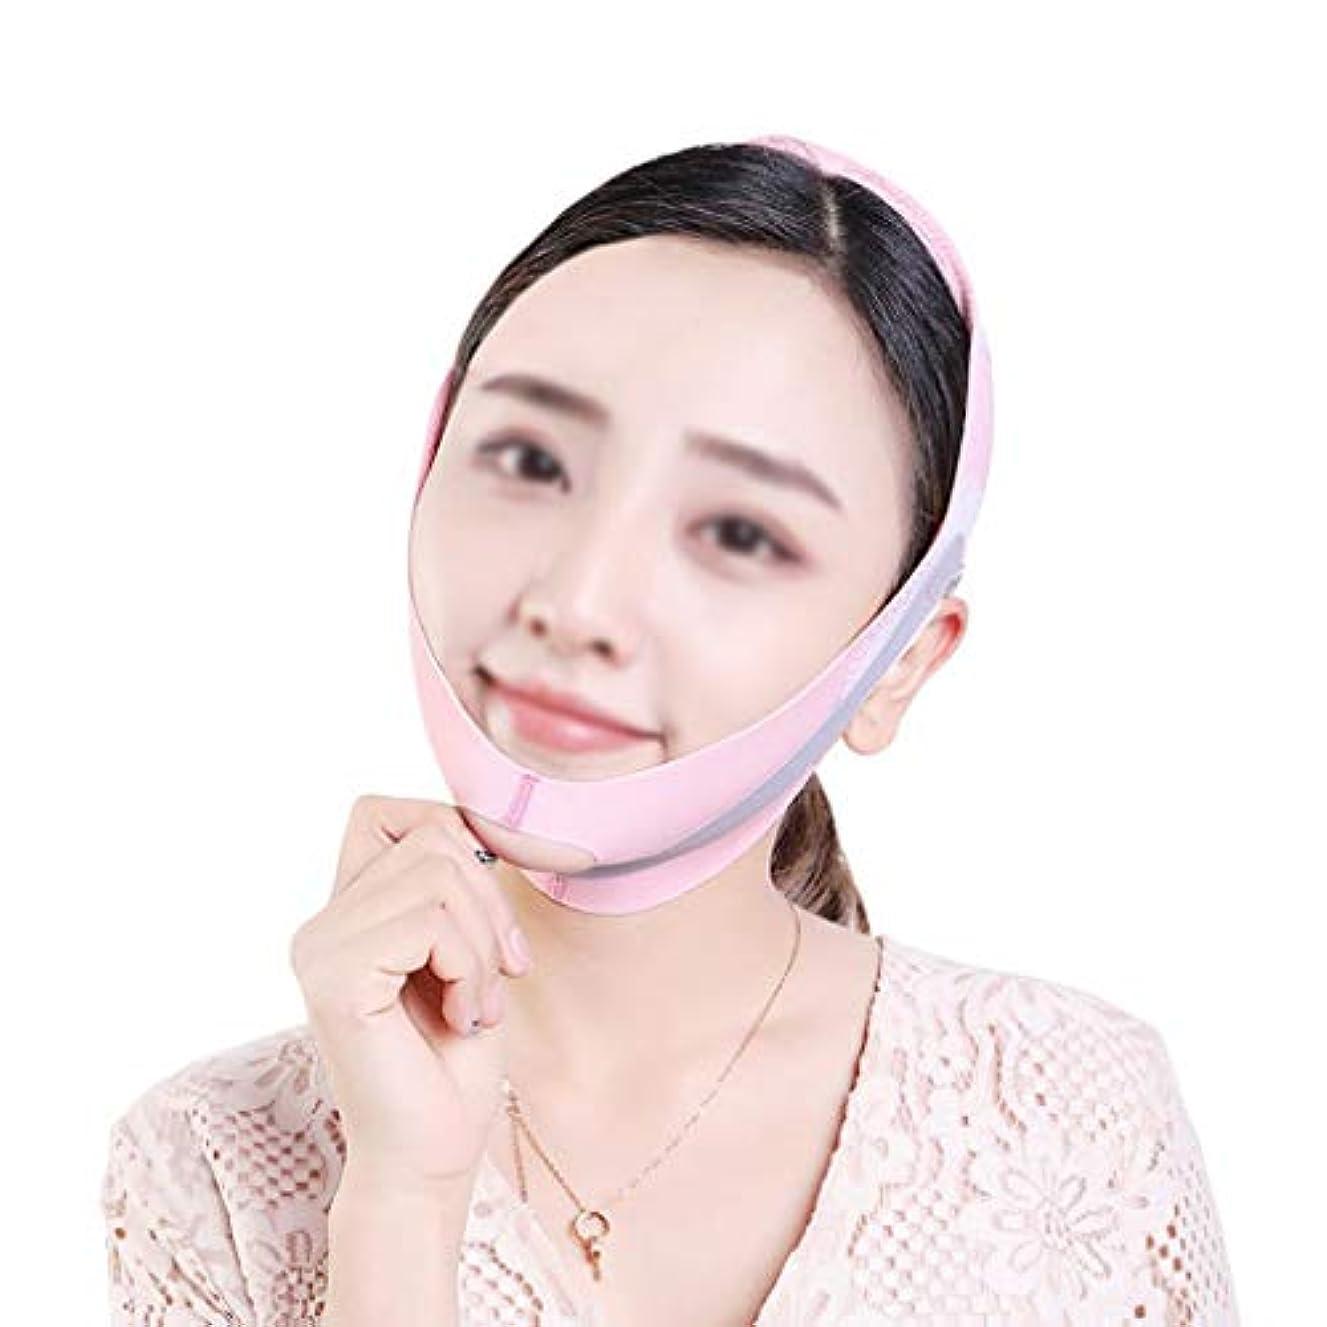 平方重さ頭LJK フェイスリフティング包帯、フェイスリフティングに適して、フェイシャルスキンを持ち上げ、二重あごケア減量(フリーサイズ、ピンク)